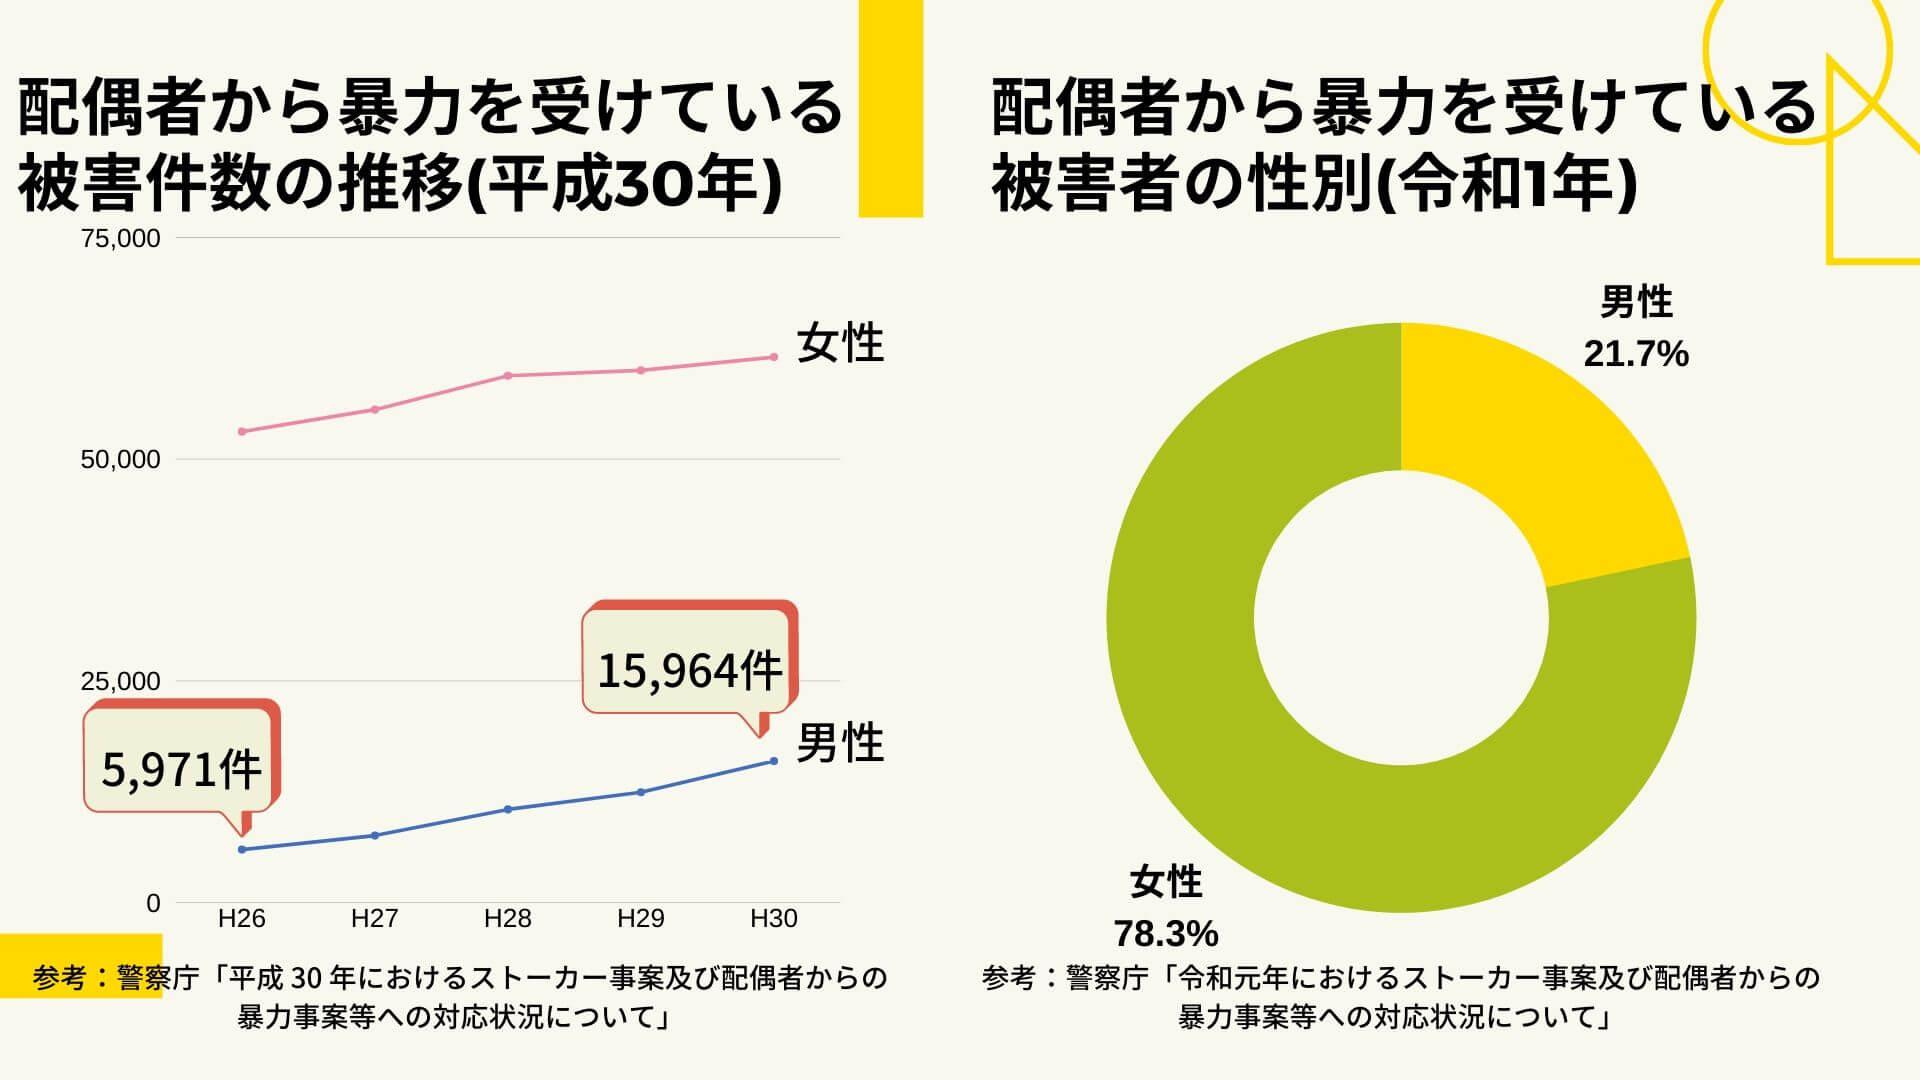 配偶者から暴力を受けている被害者割合のグラフ